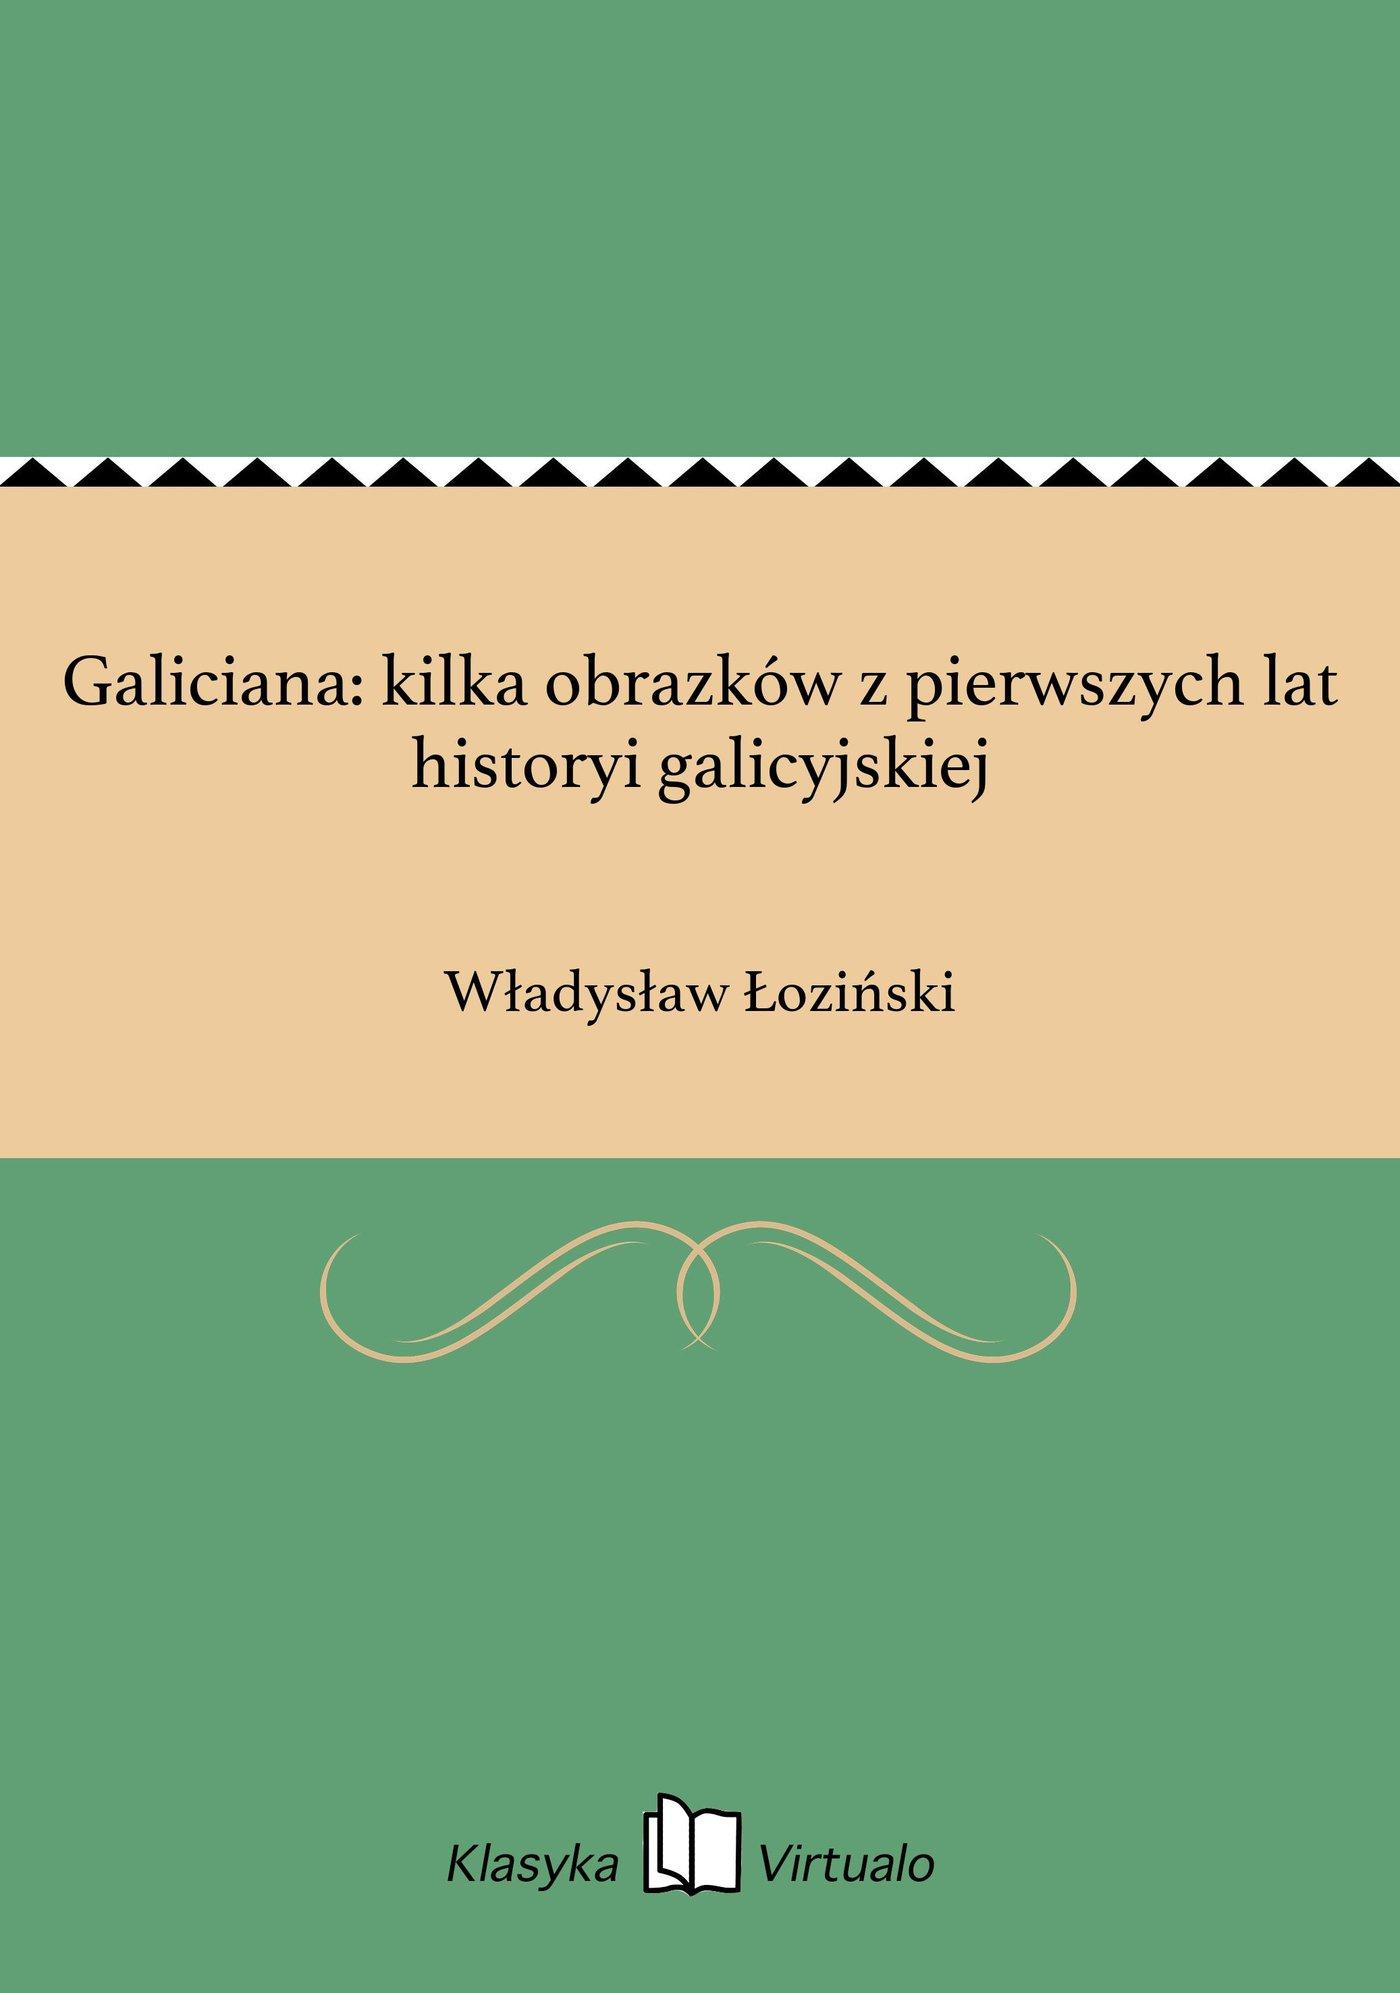 Galiciana: kilka obrazków z pierwszych lat historyi galicyjskiej - Ebook (Książka EPUB) do pobrania w formacie EPUB